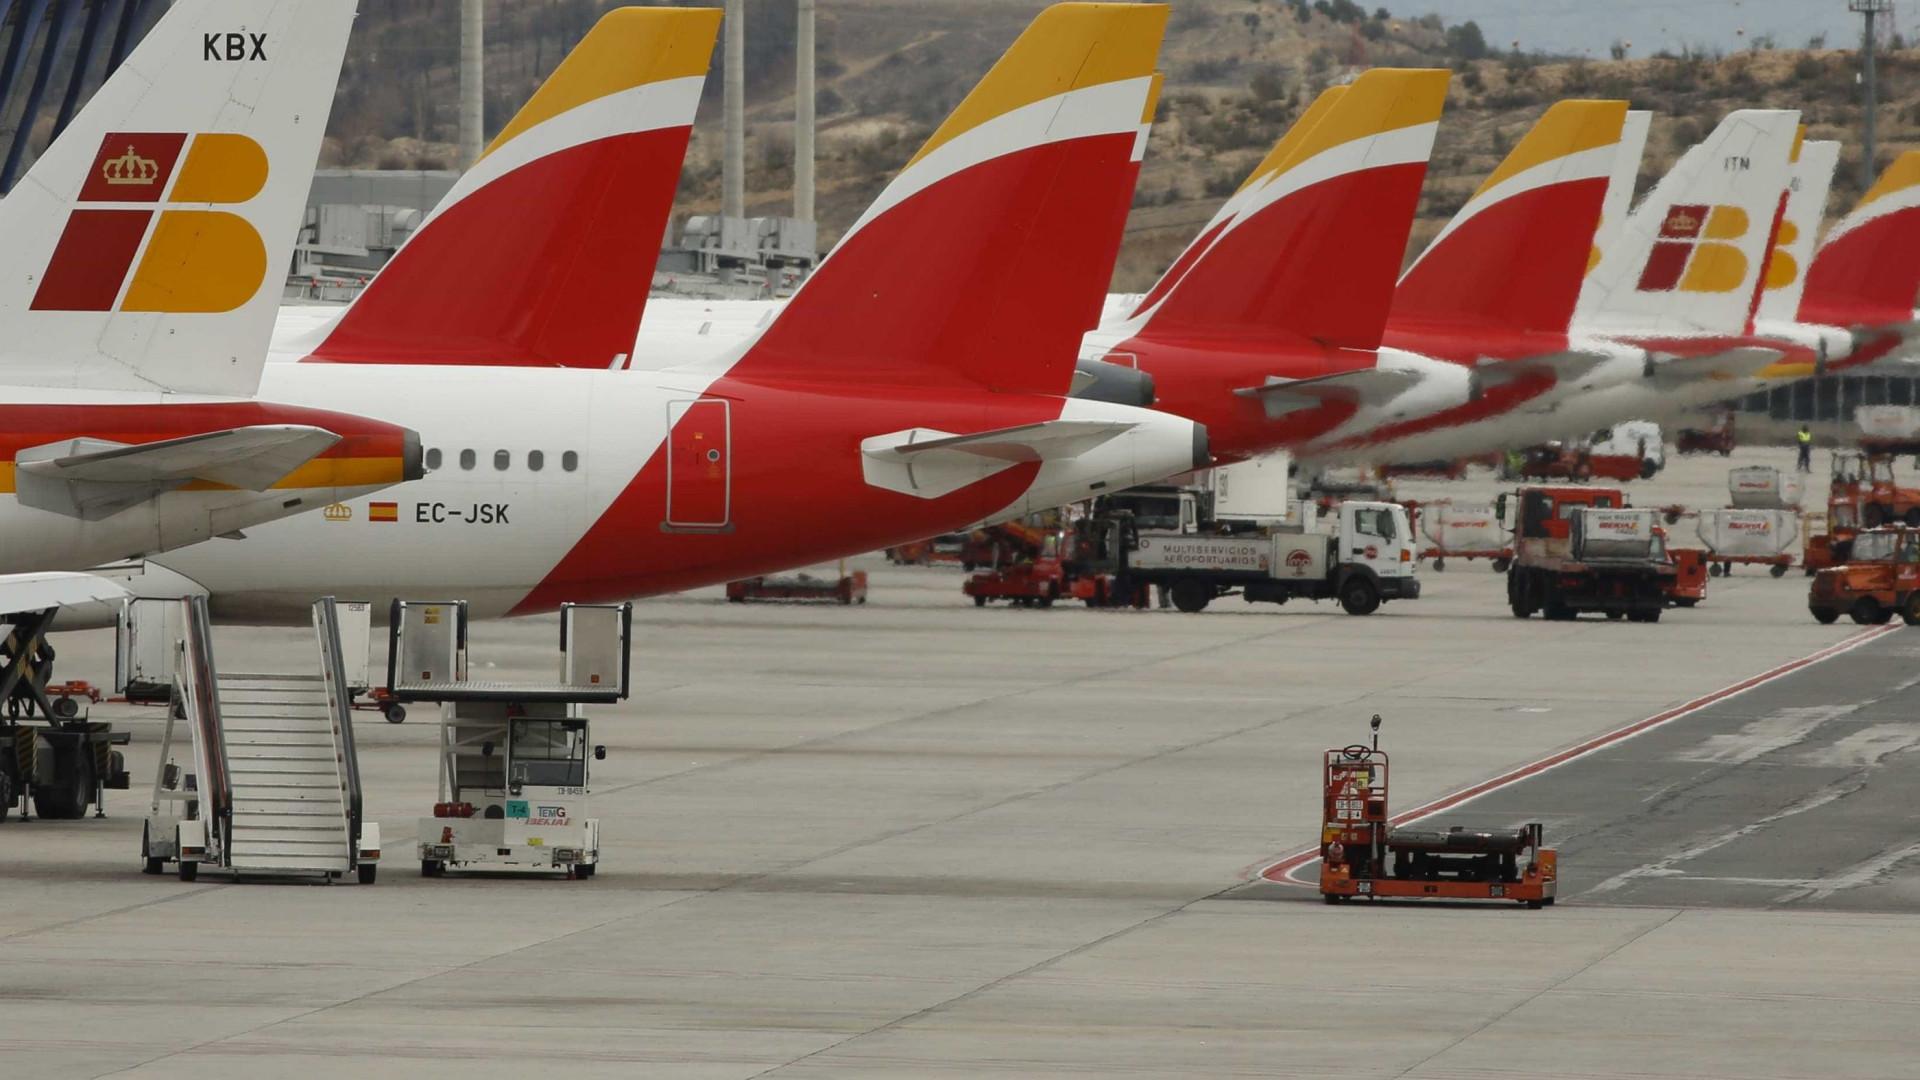 Avião da Iberia forçado a aterrar de emergência após problema no motor